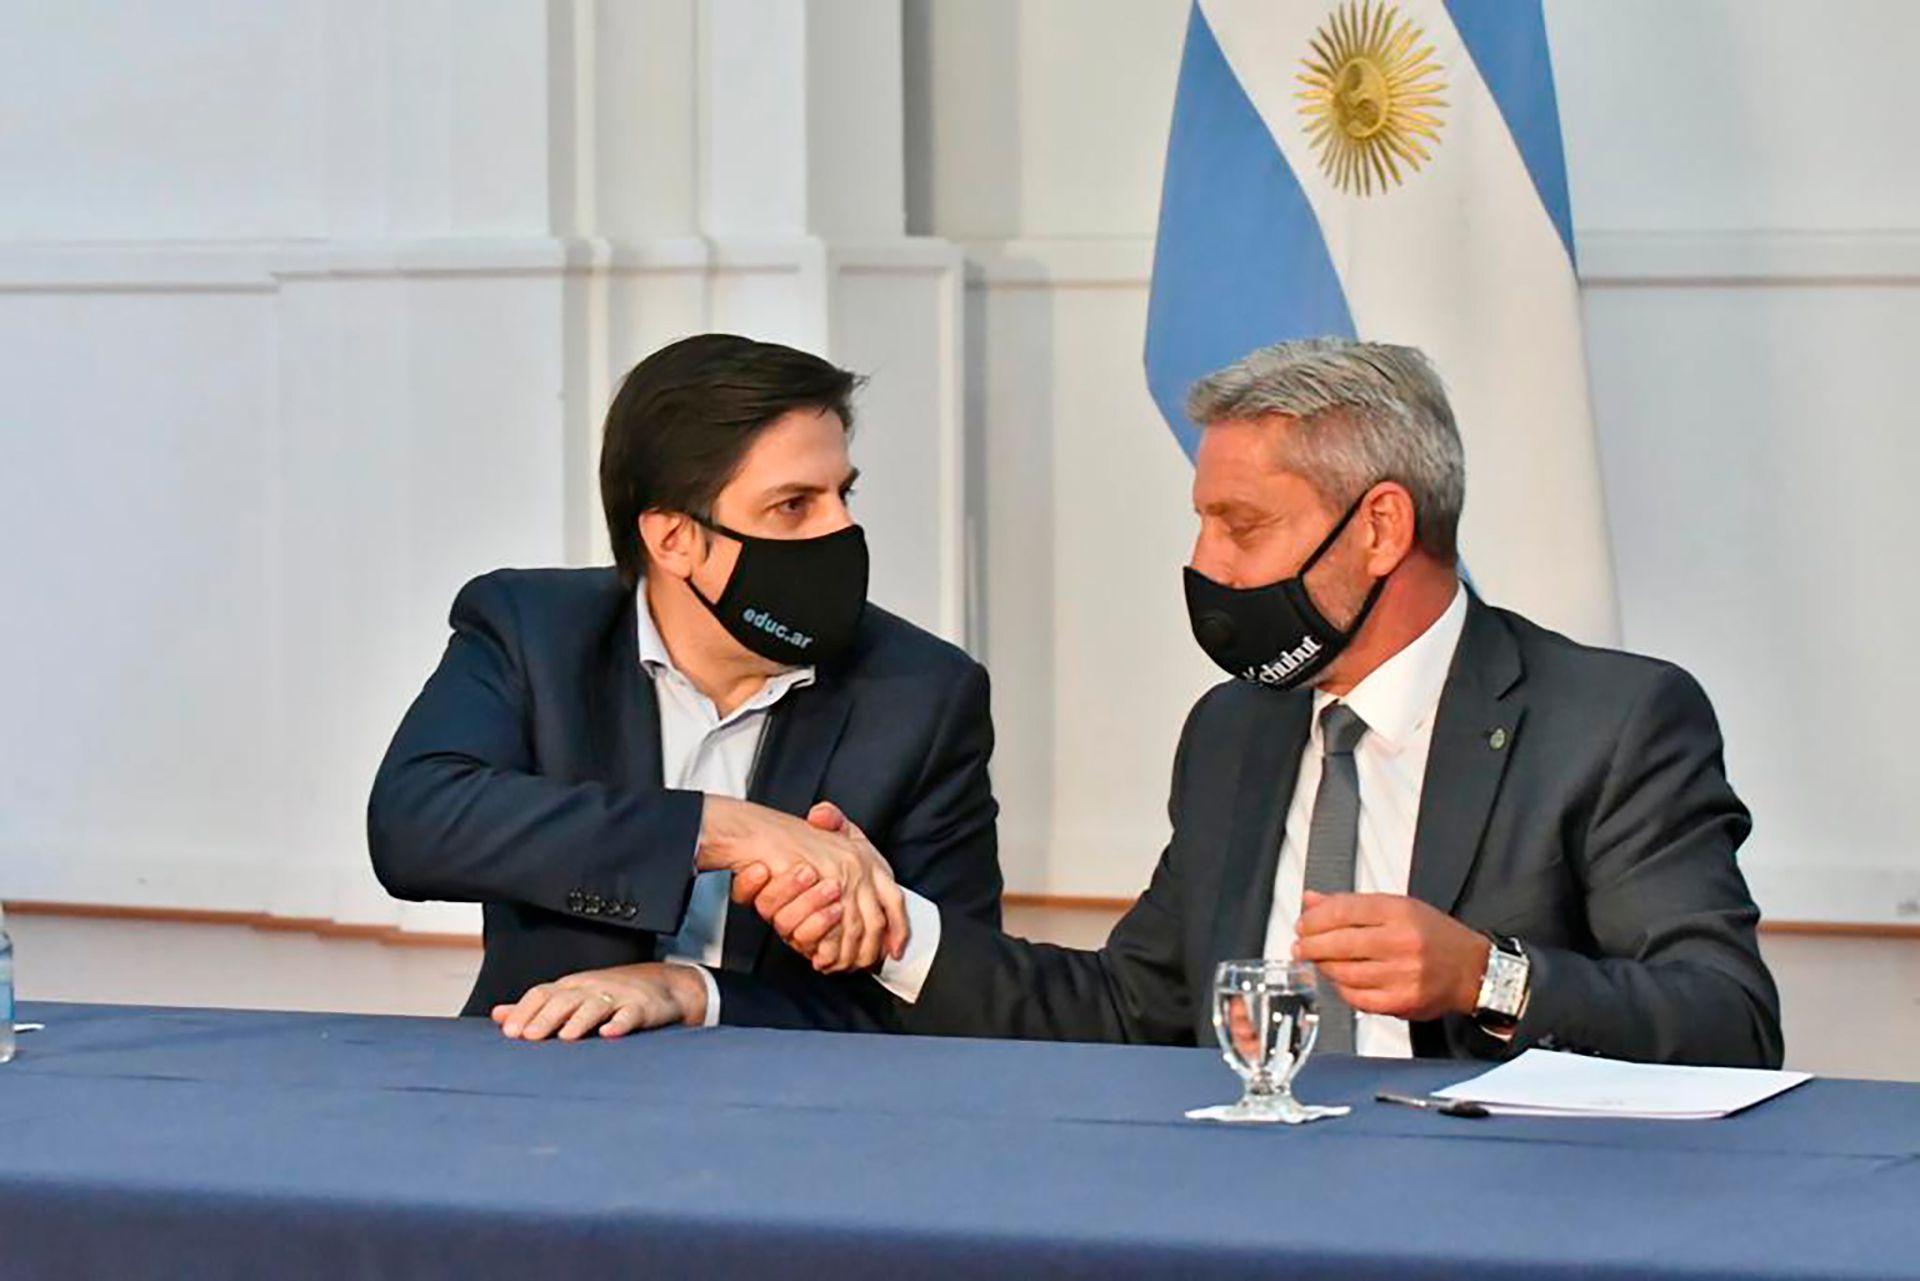 El Gobierno de Chubut llegó a un acuerdo con los gremios docentes y el lunes empezarán las clases